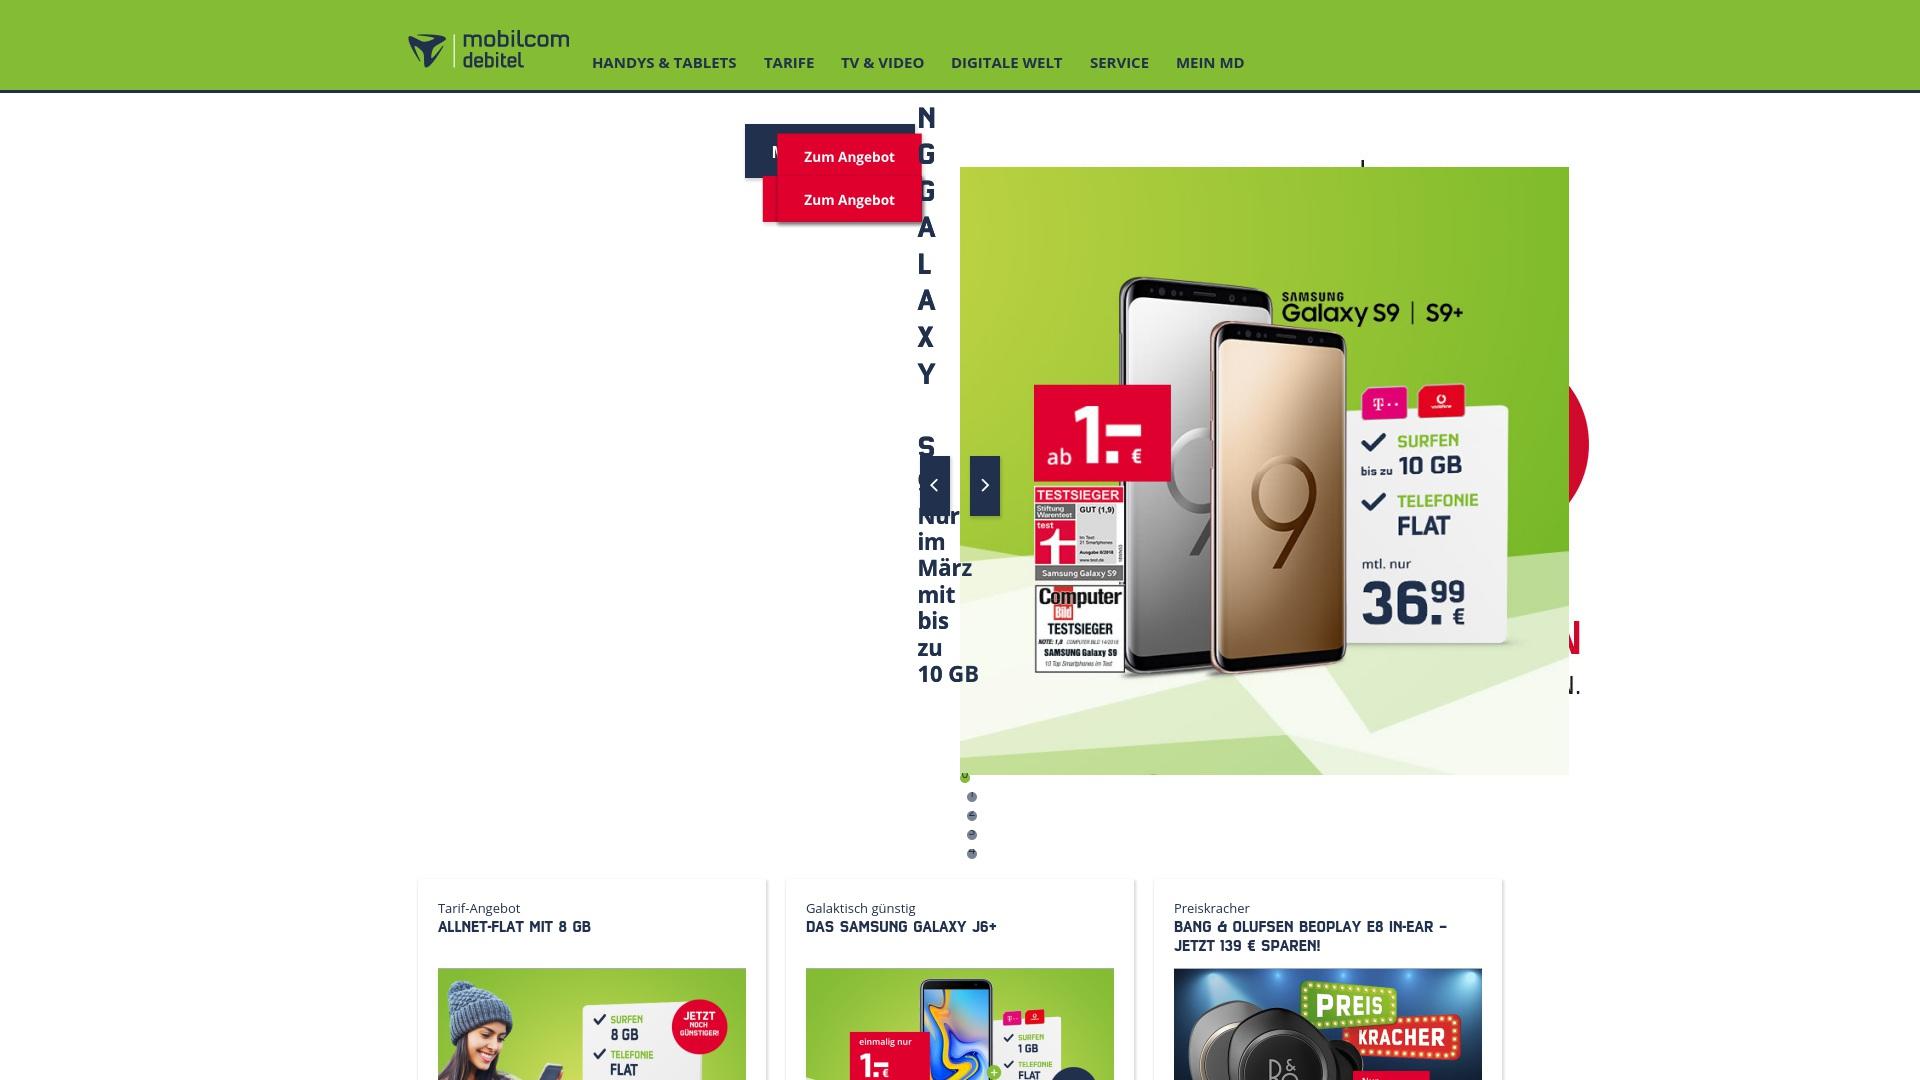 Gutschein für Mobilcom-debitel: Rabatte für  Mobilcom-debitel sichern